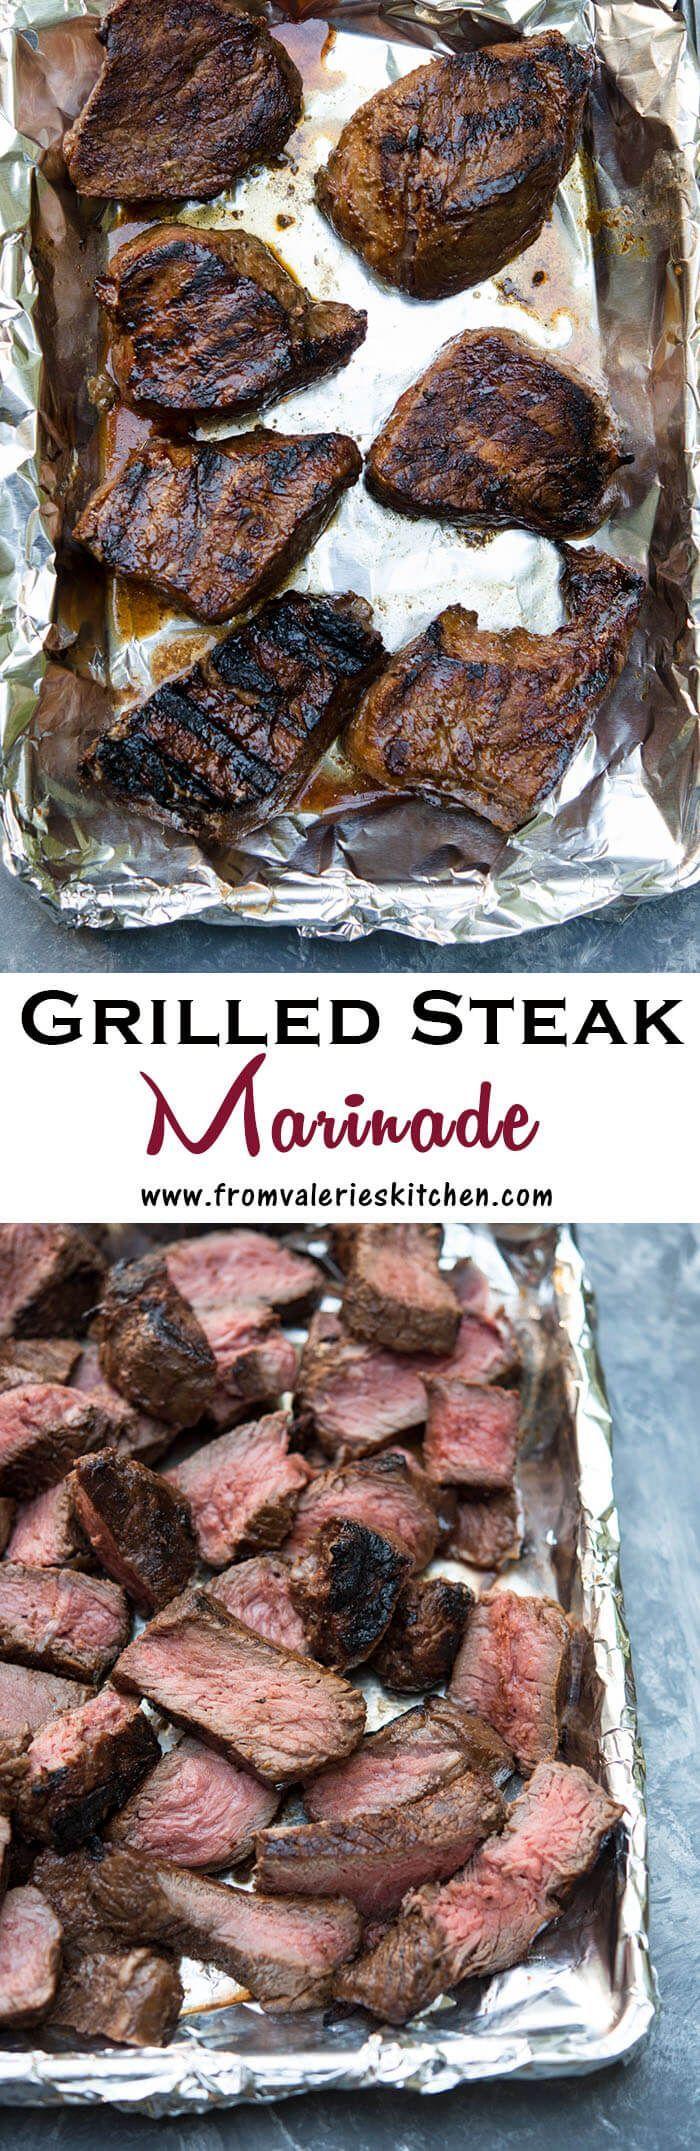 Grilled Steak Marinade